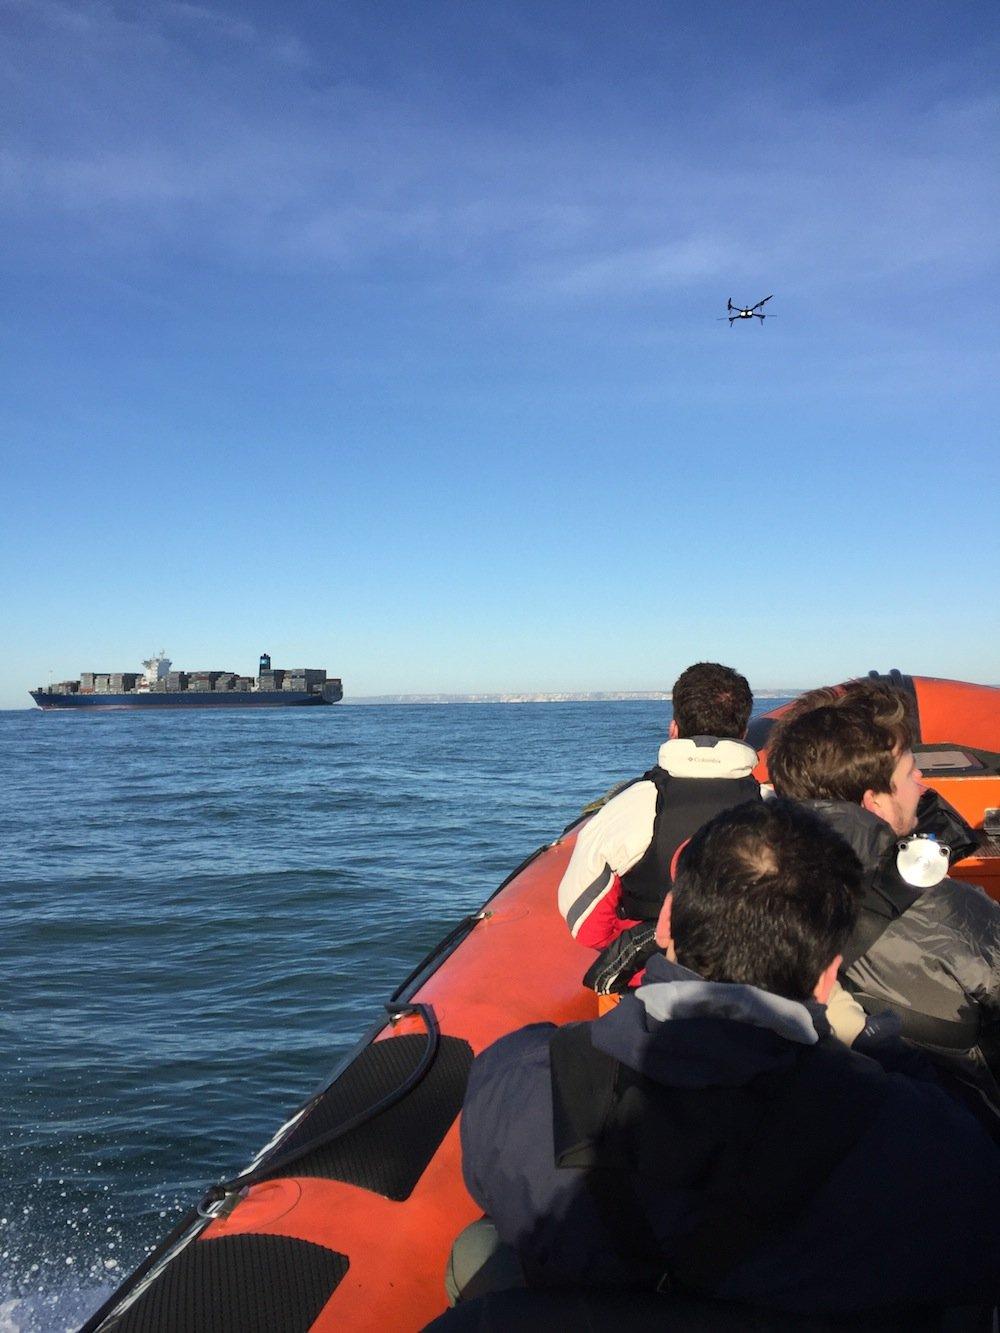 Nachdem die Drohne vom Kurs abgekommen war, übernahm Ocuair-Chef Richard Gill (35) vom Schlauchboot aus selbst die Steuerung der Enduro 1 und brachte sie sicher ans französische Ufer.